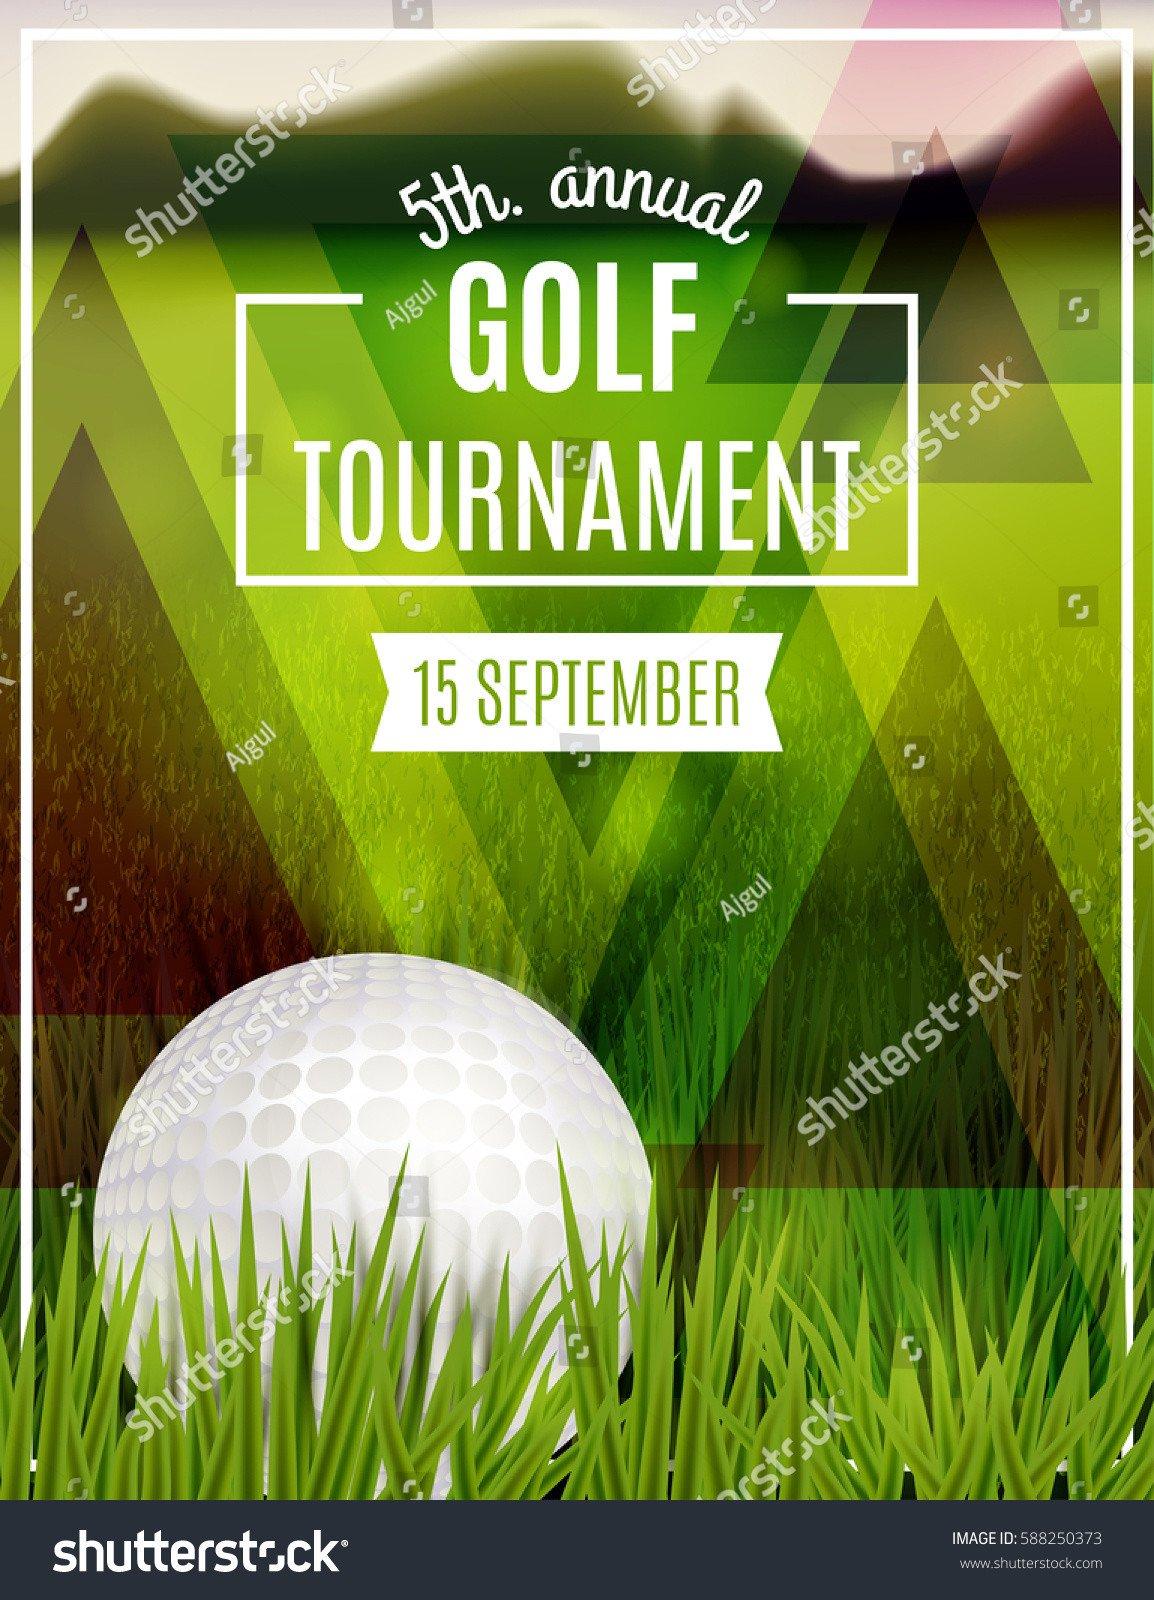 Golf tournament Flyer Templates Golf tournament Poster Template Flyer Design Stock Vector